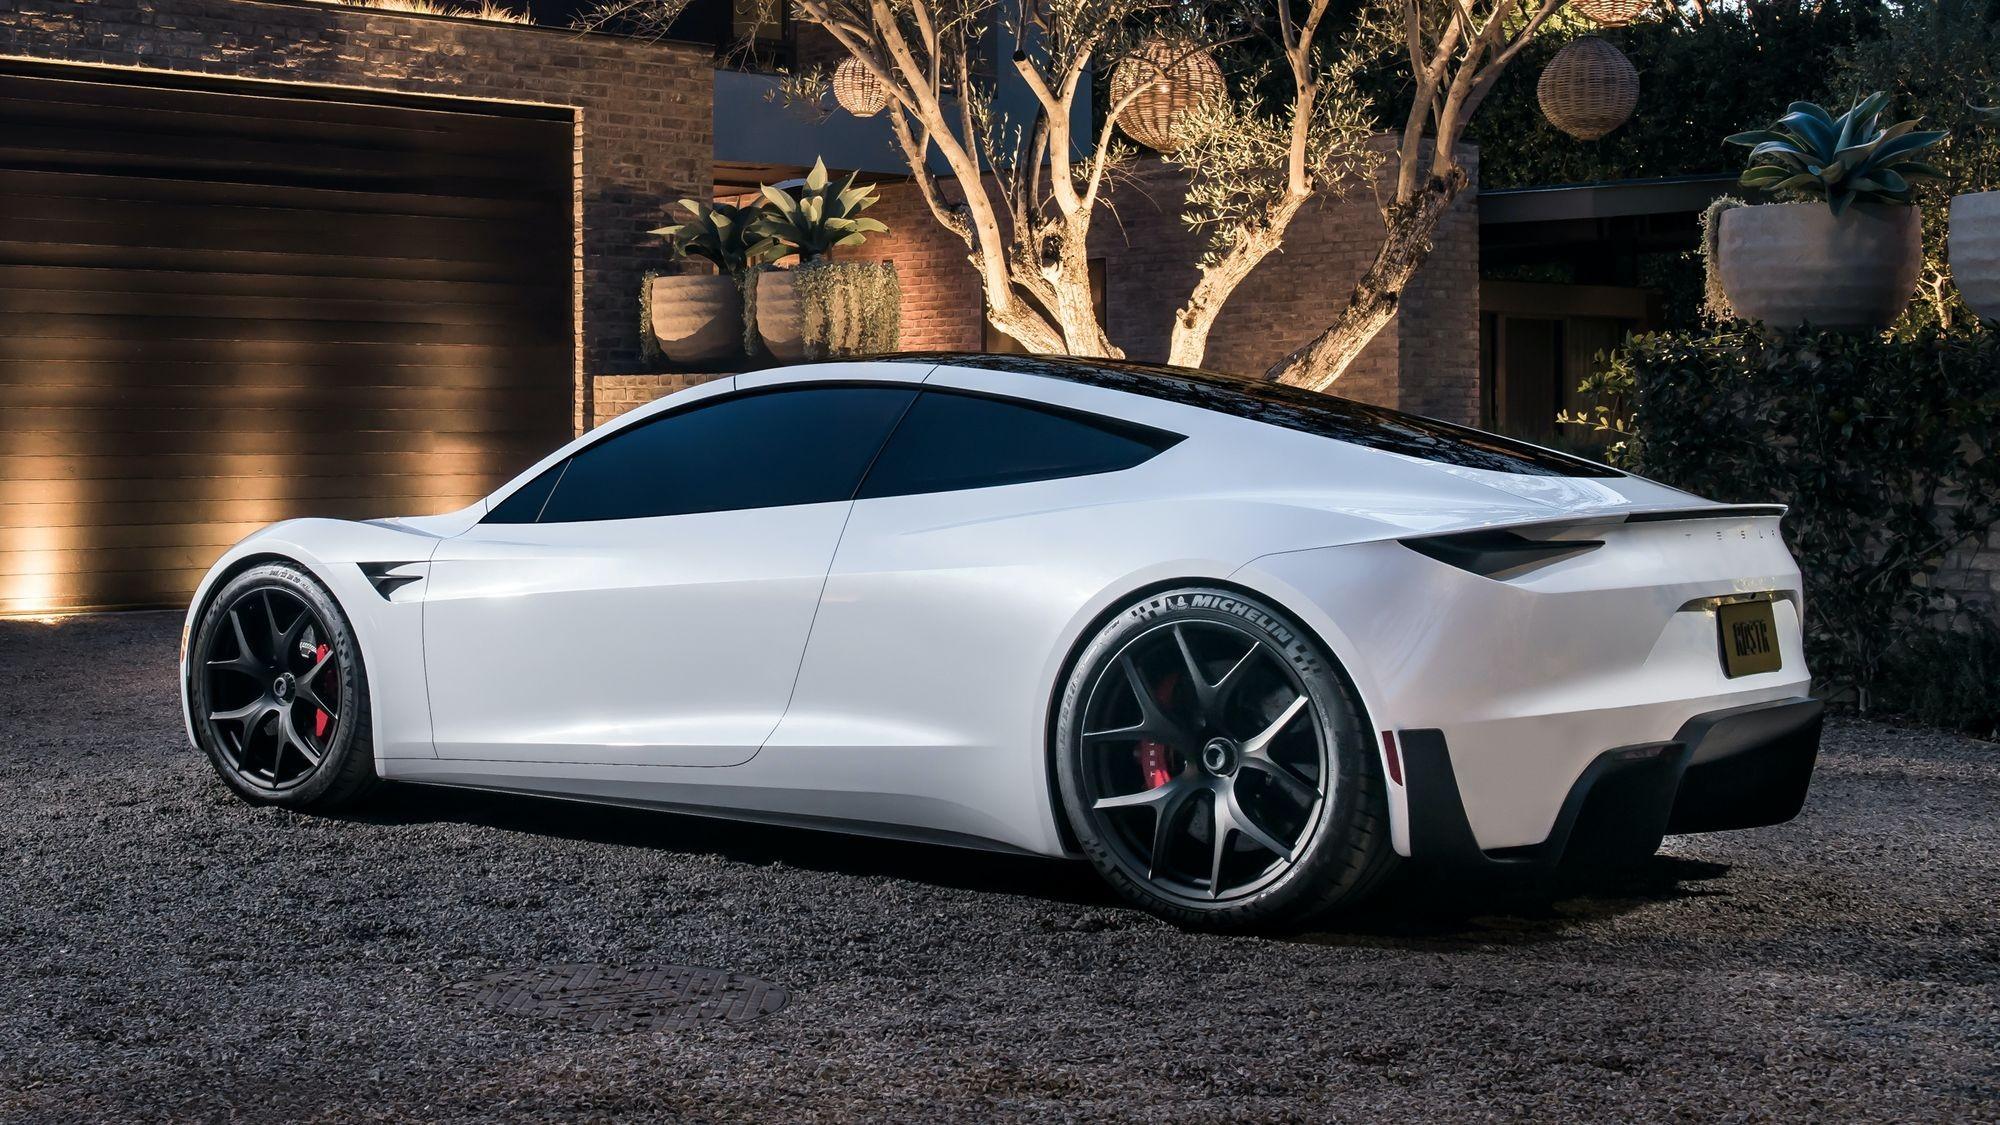 Сейчас не до сладкого: выпуск нового Tesla Roadster отложен на неопределённый срок